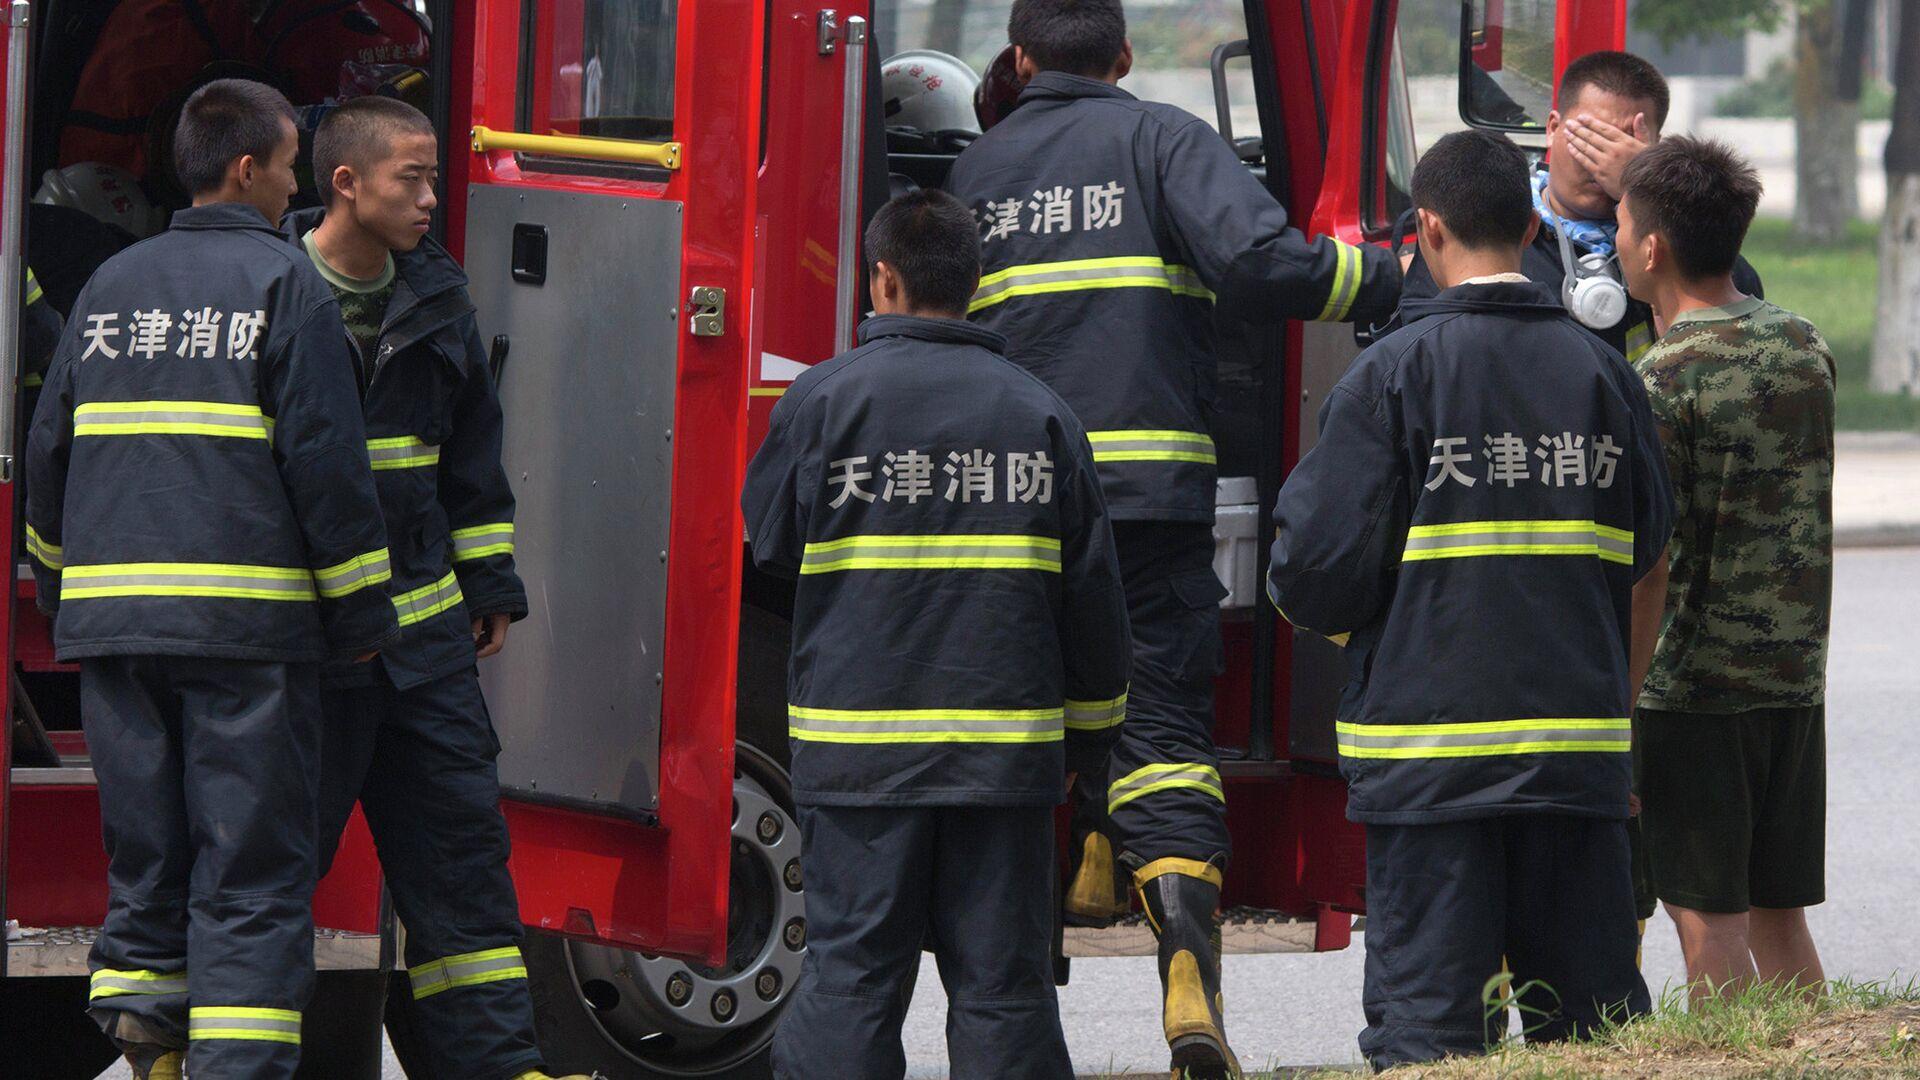 Китайские пожарные на месте взрыва в Тяньцзине - РИА Новости, 1920, 11.09.2020